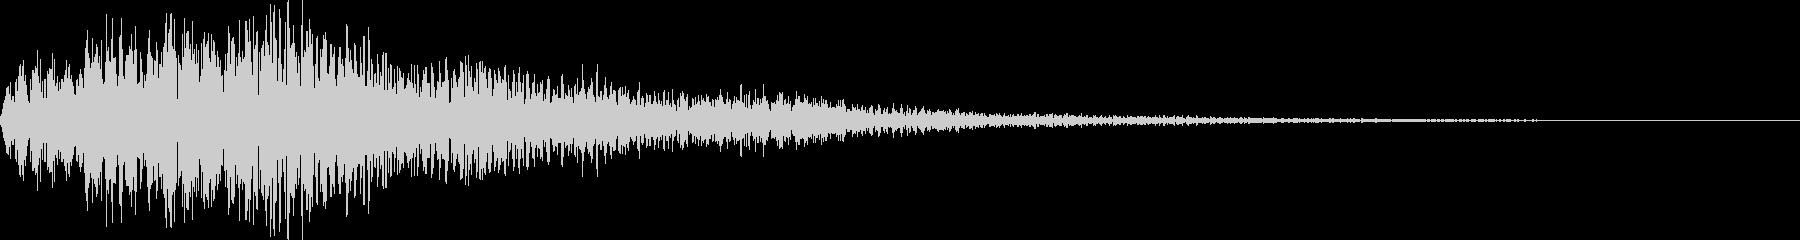 ホワワーン(決定 報知 獲得)の未再生の波形